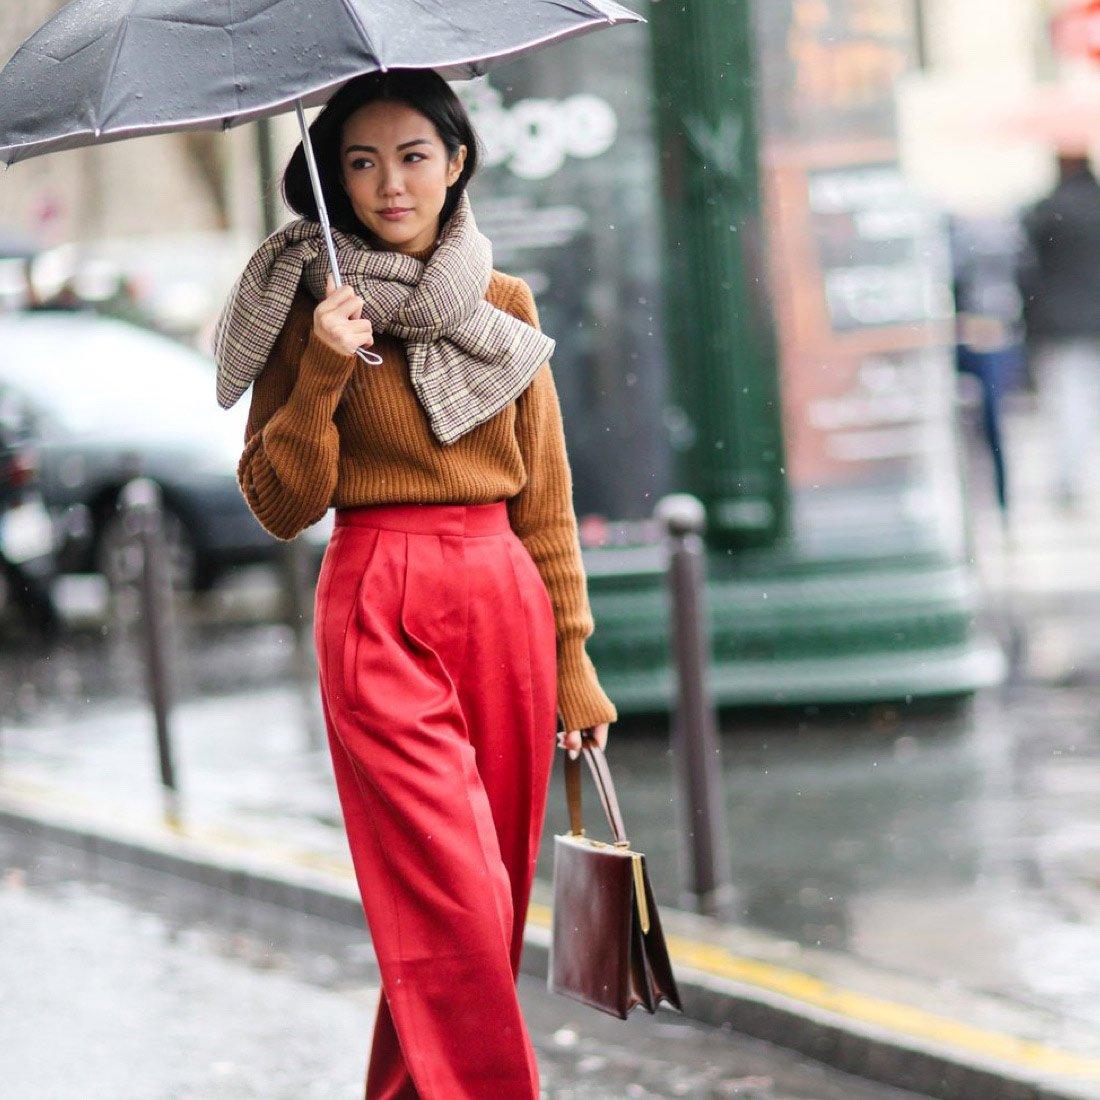 Модные образы для дождливой погоды